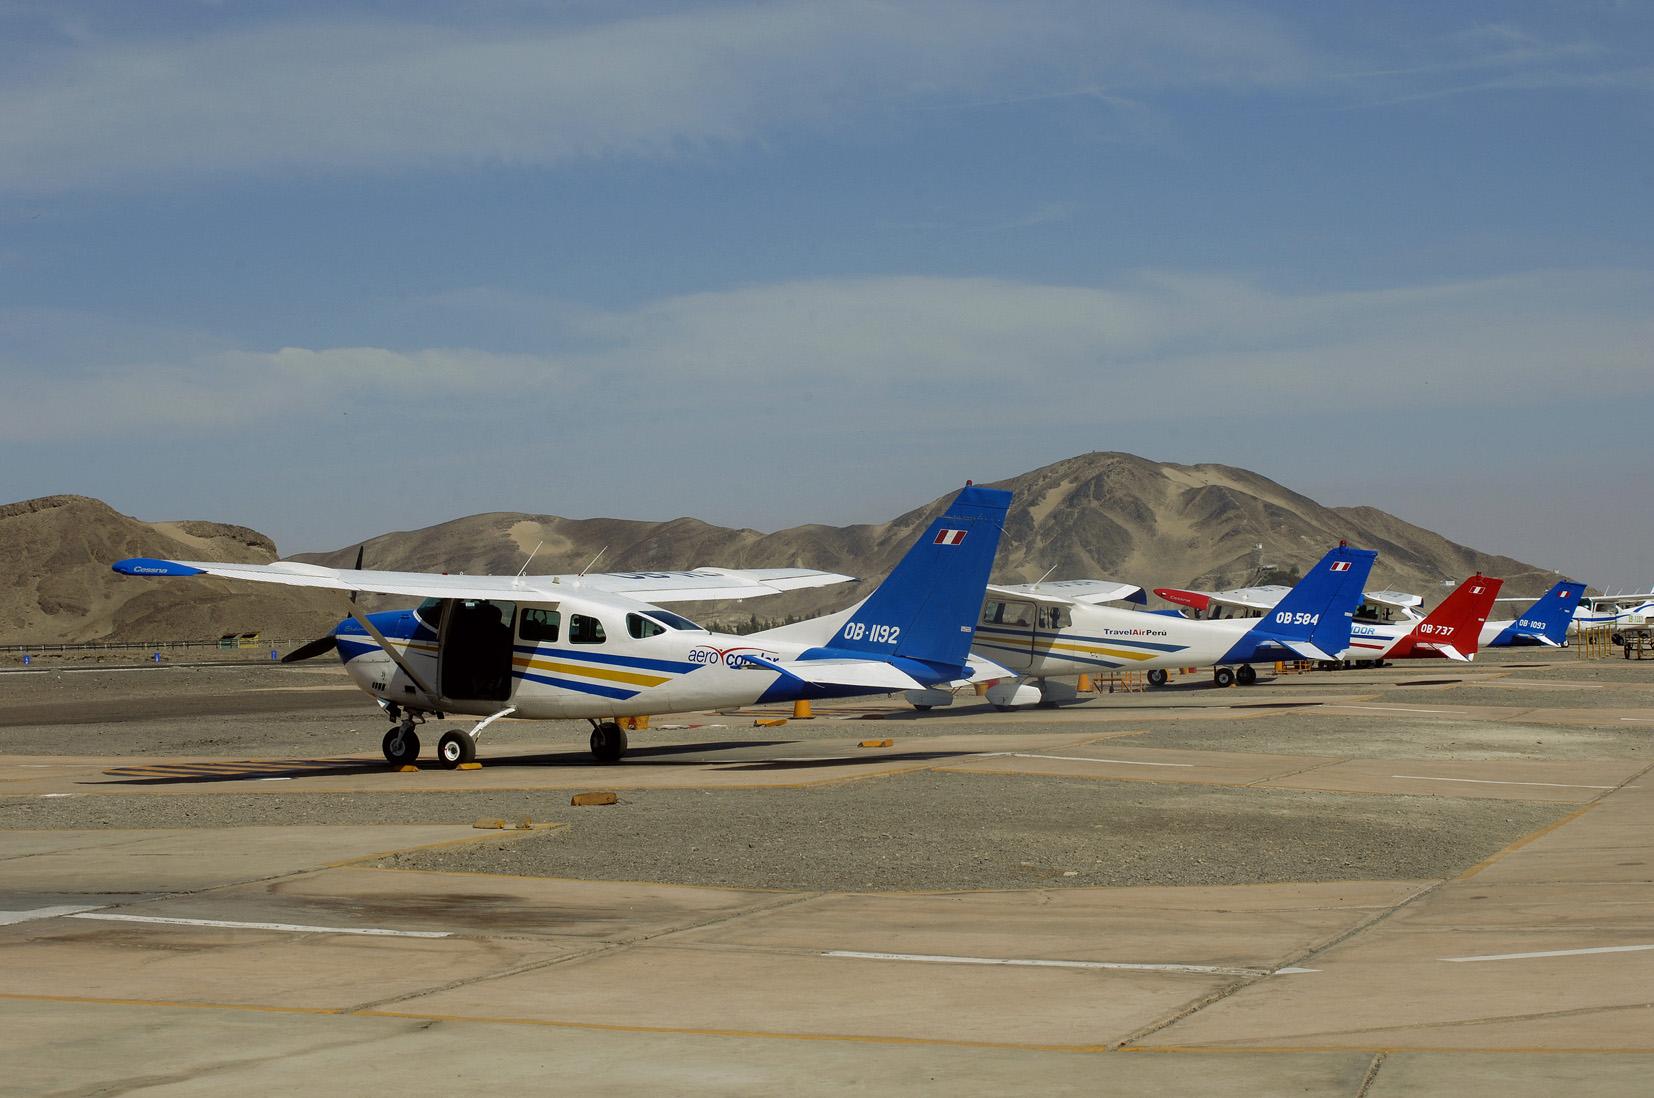 Paracas & Nazca Lines 3D - Nasca Aerodrome.jpg